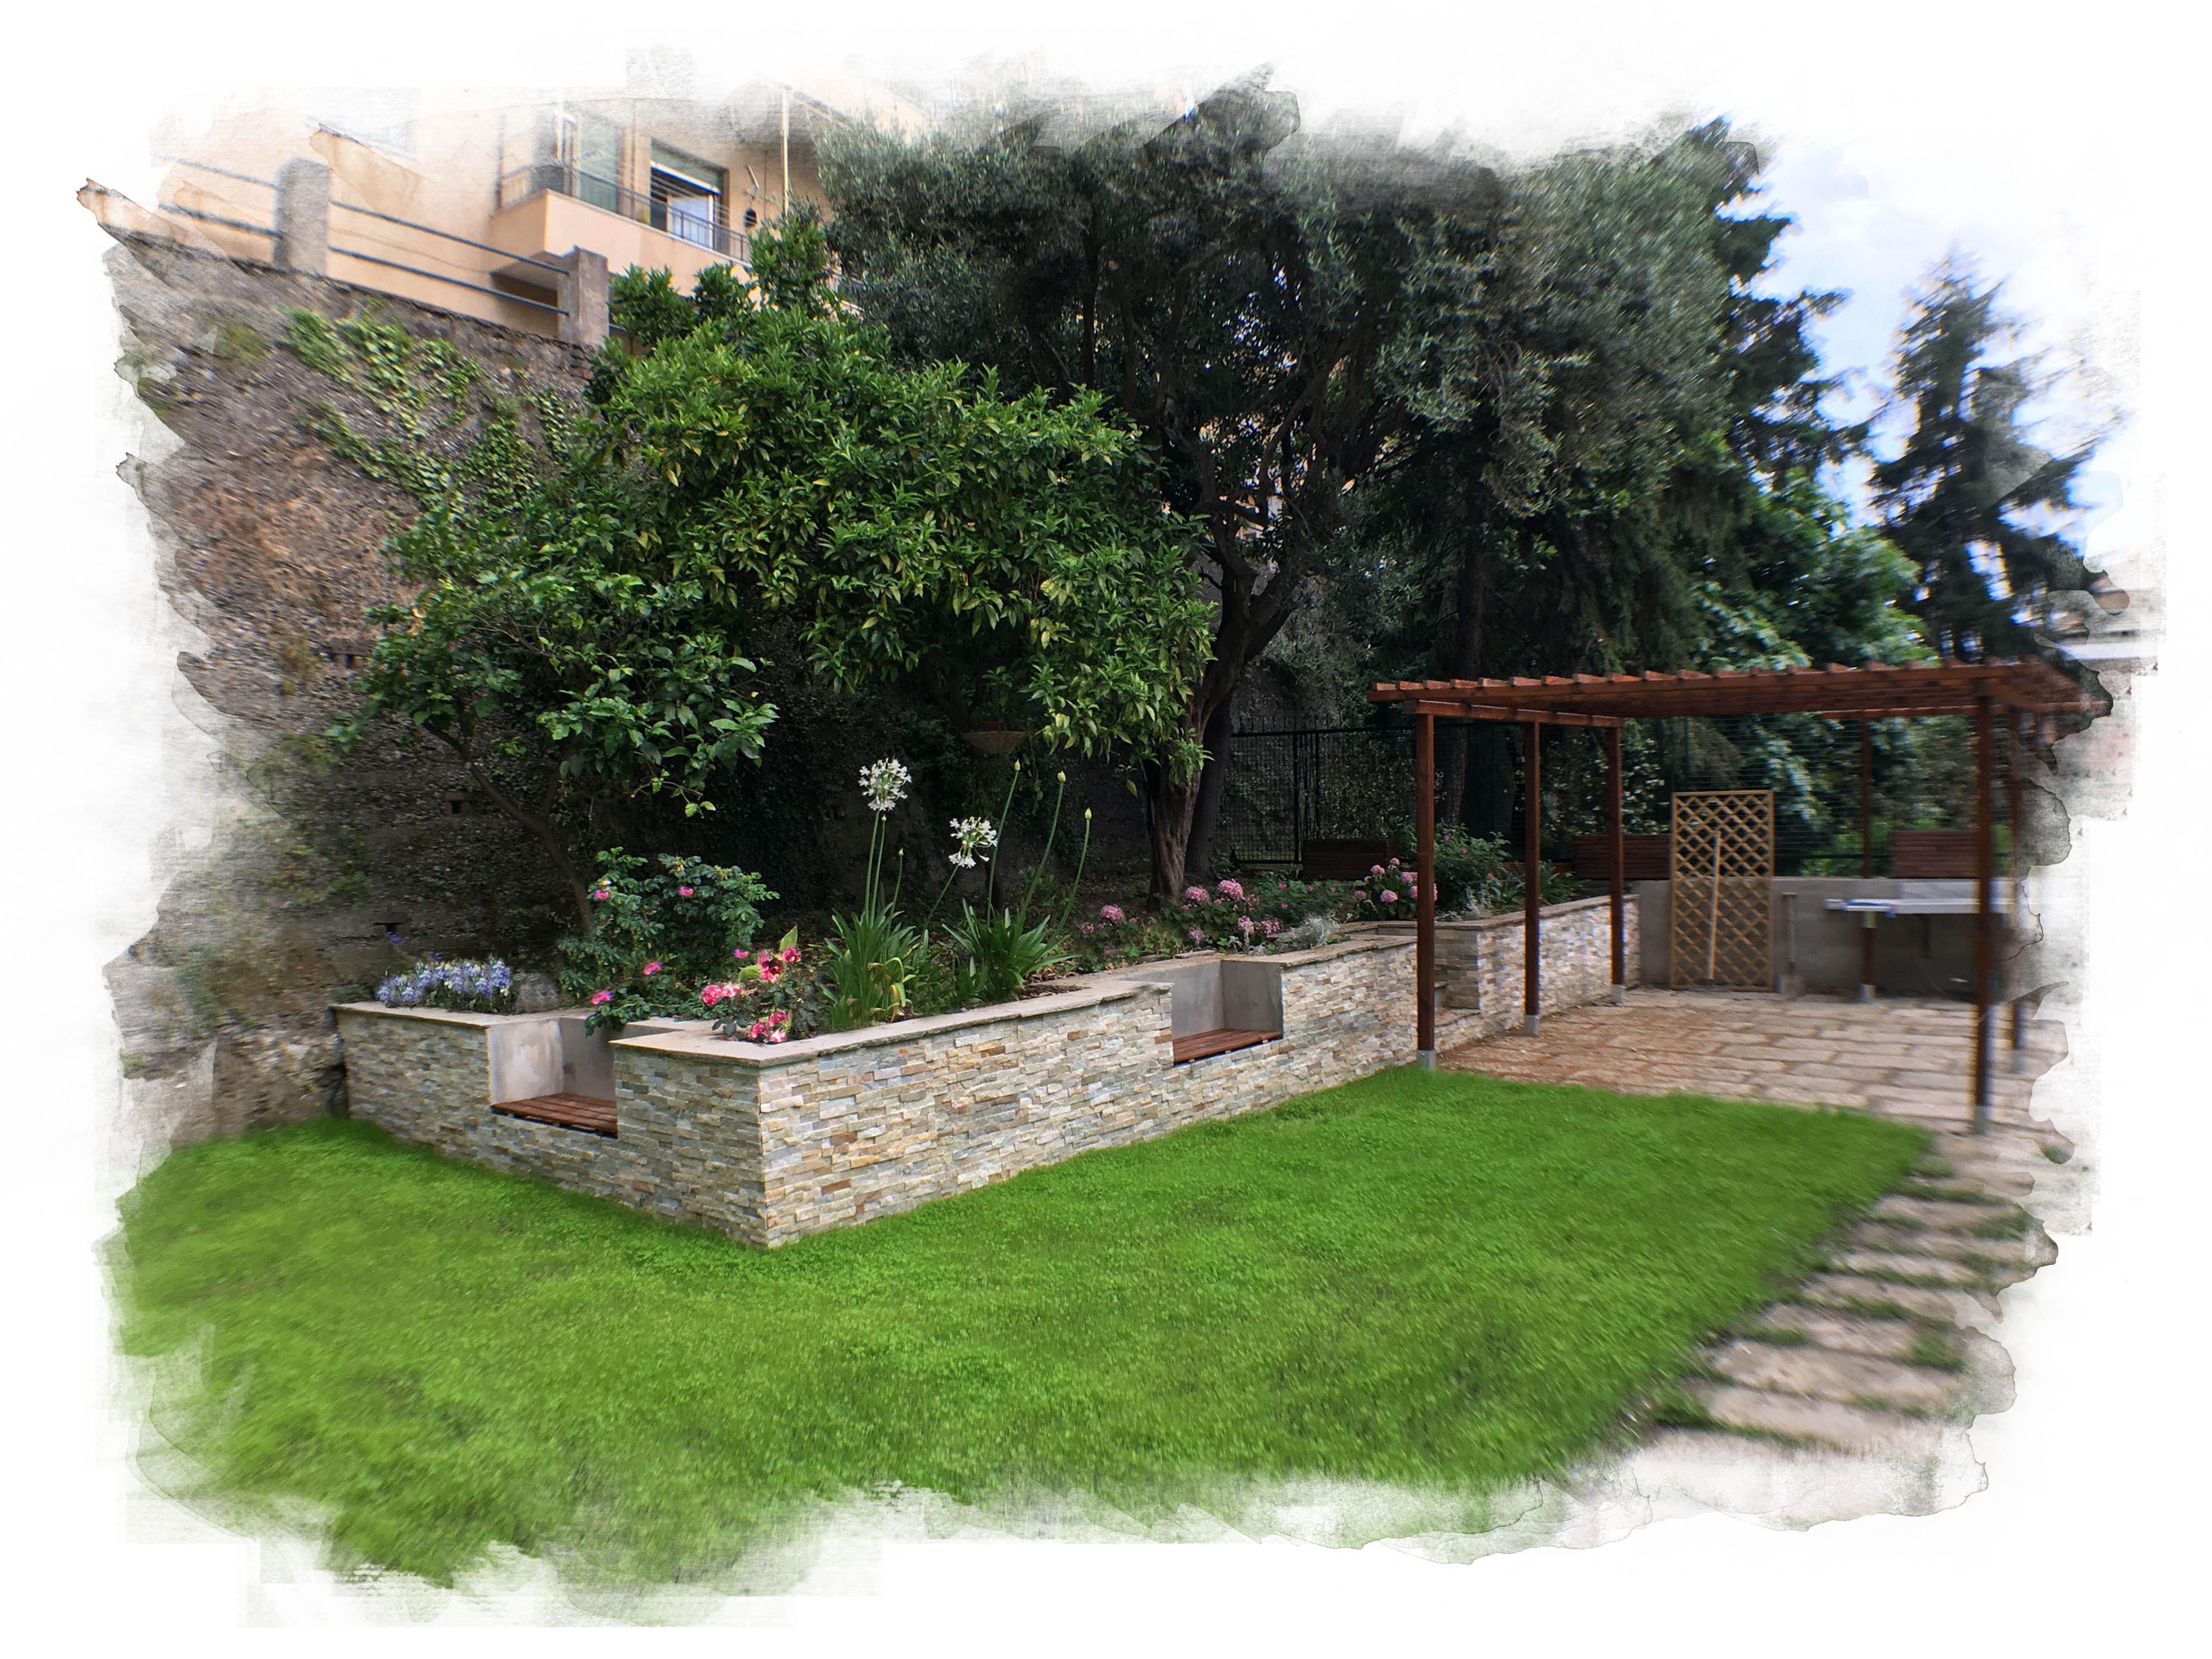 realizzazione giardino architetto paesaggista Andrea Telefono Andrea Jentile (2)